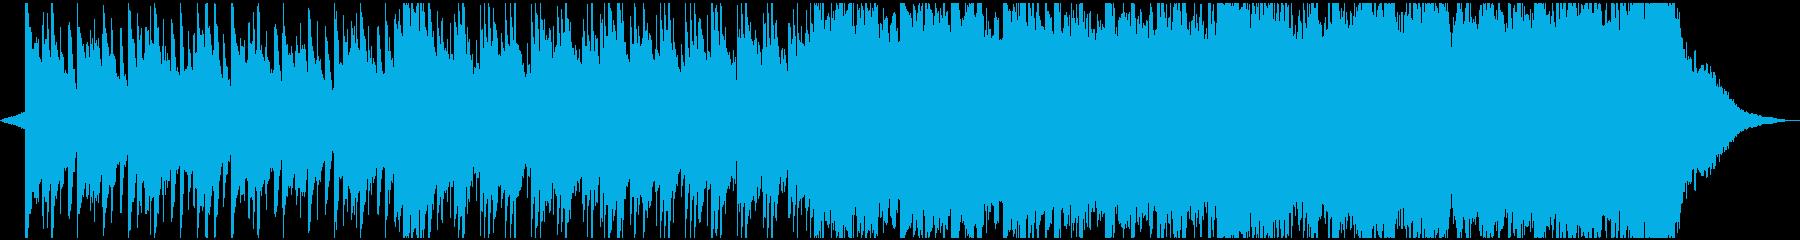 感動!ストリングスのバラードワルツ sの再生済みの波形